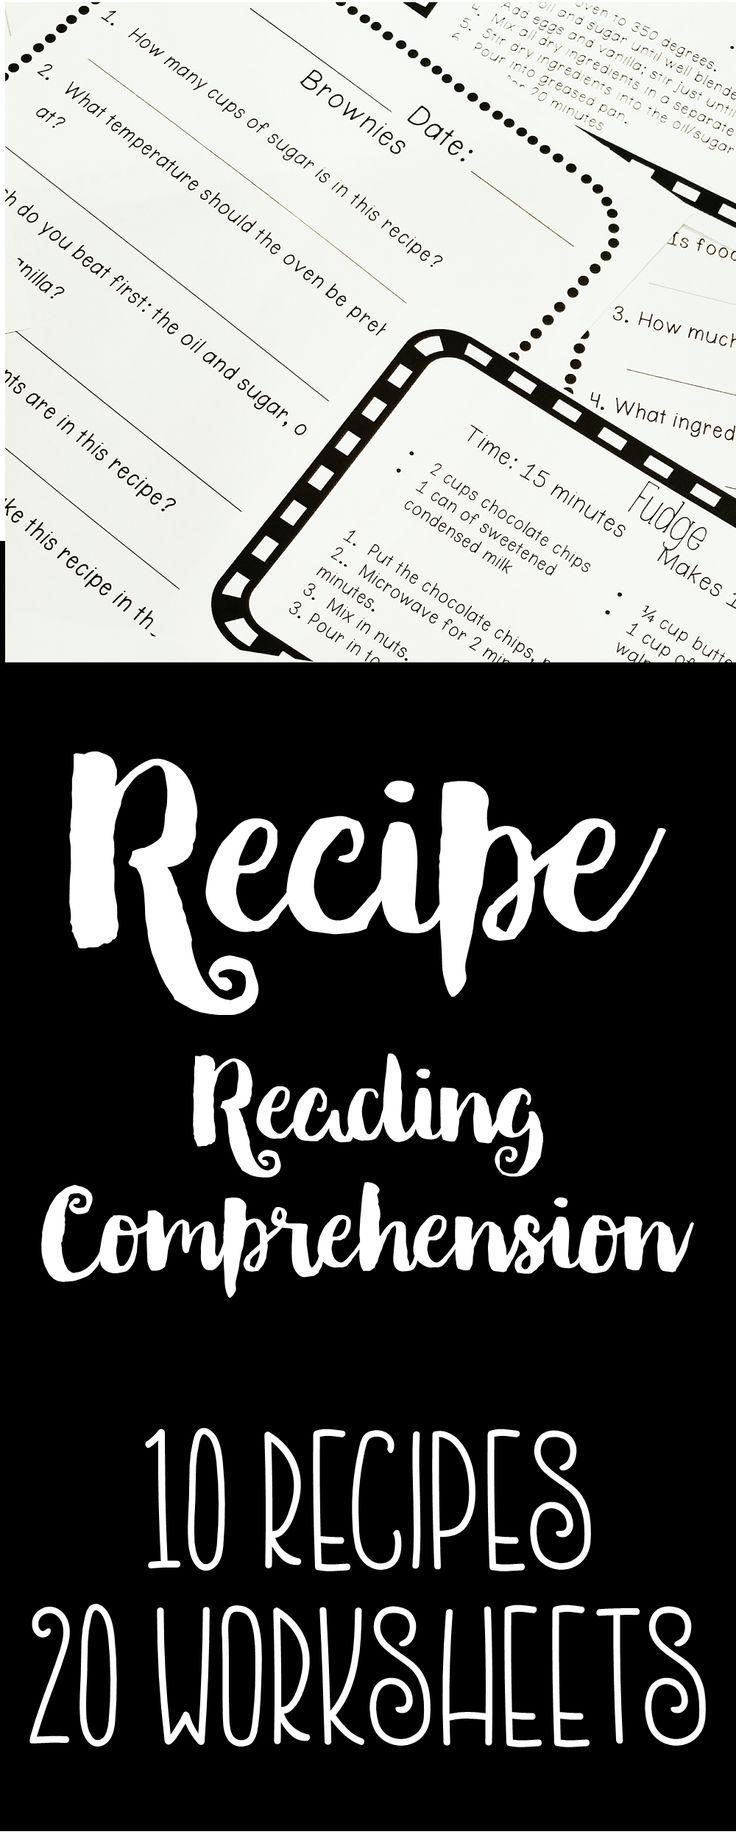 Workbooks k12 comprehension worksheets : Best 25+ Comprehension worksheets ideas on Pinterest | Reading ...